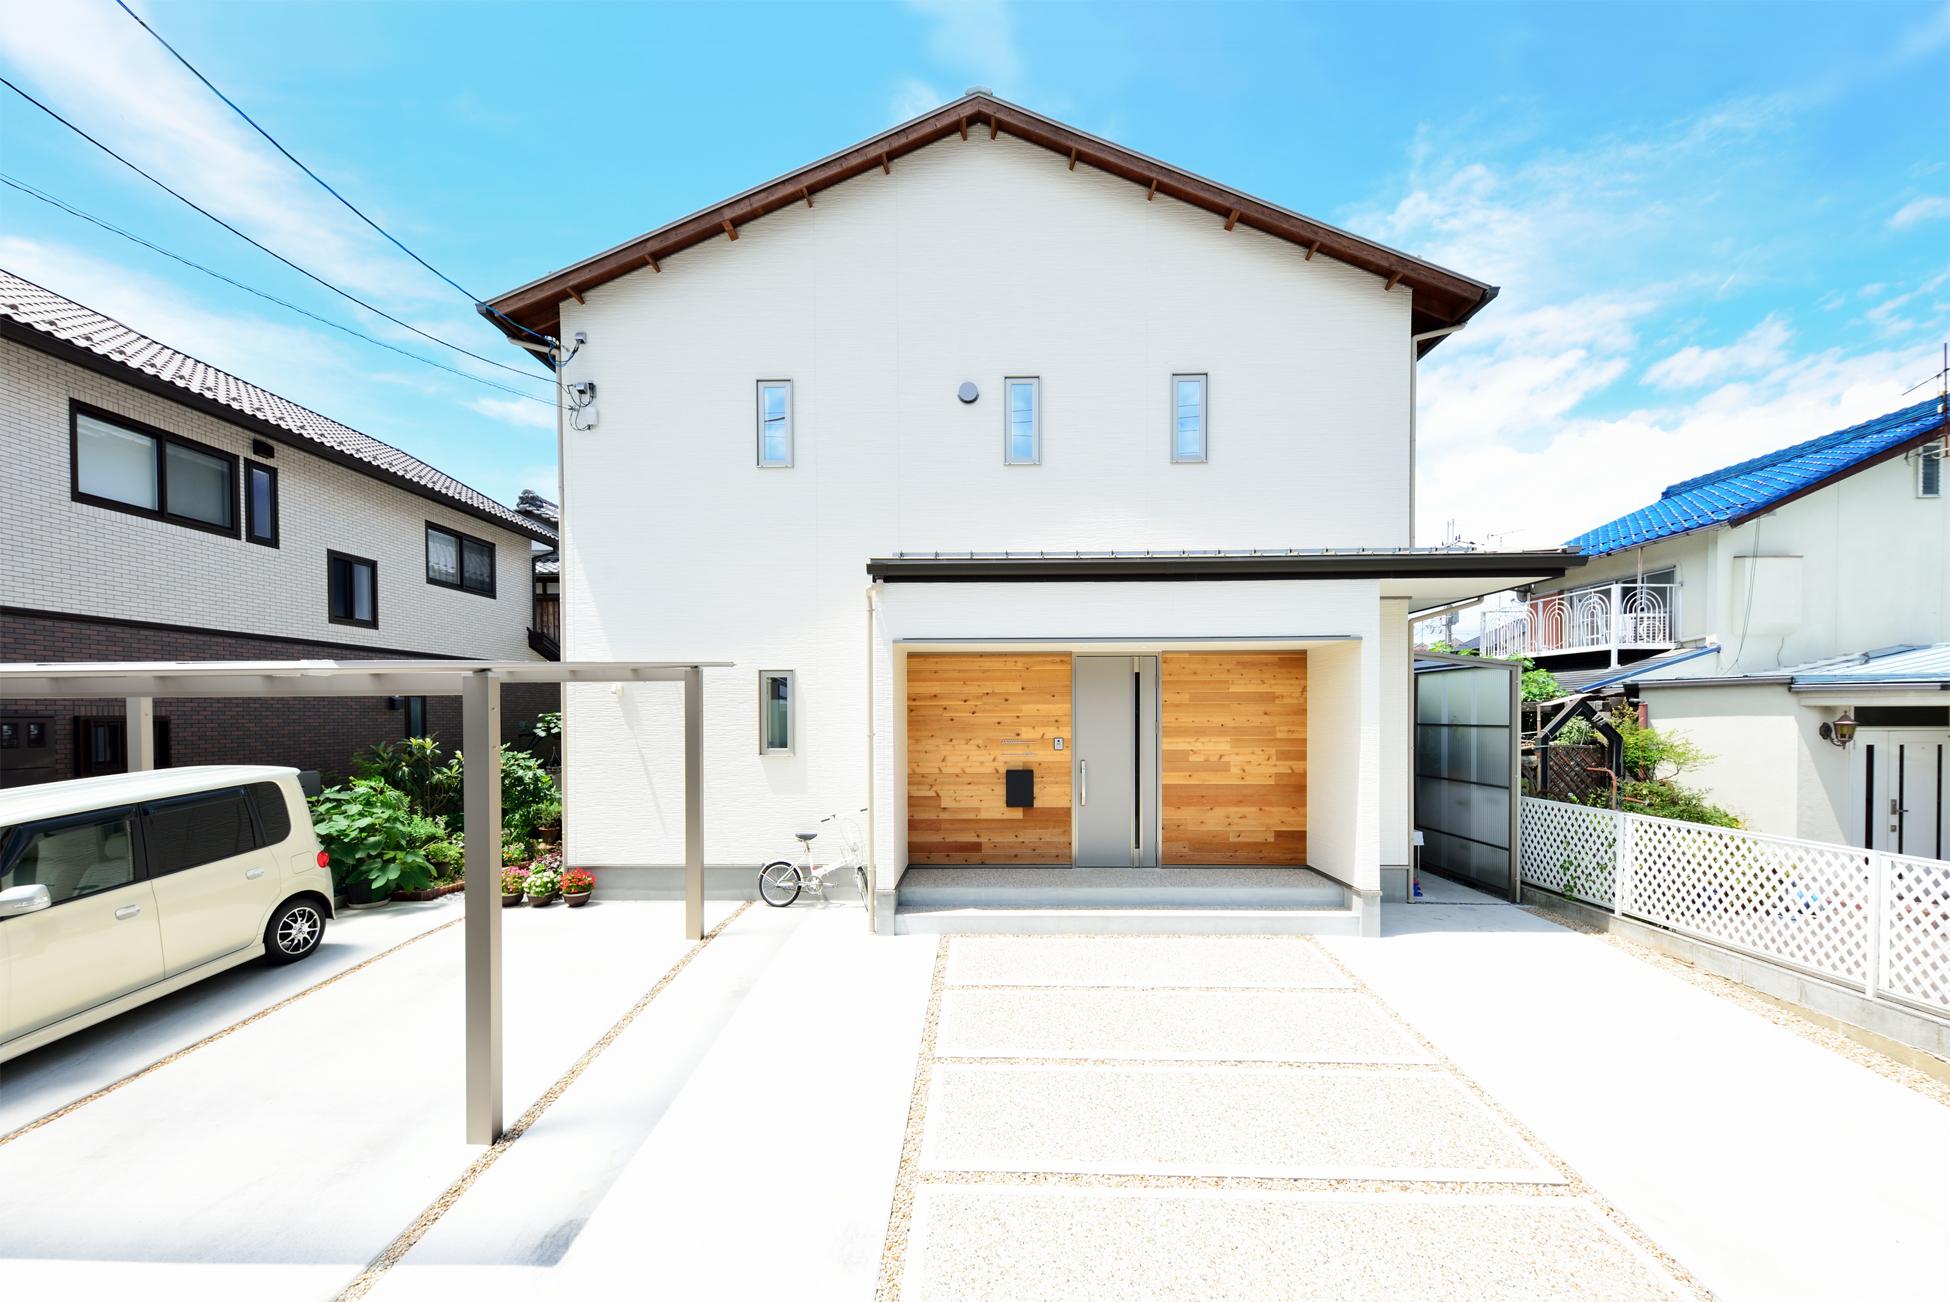 近江八幡市『鷹飼の家』